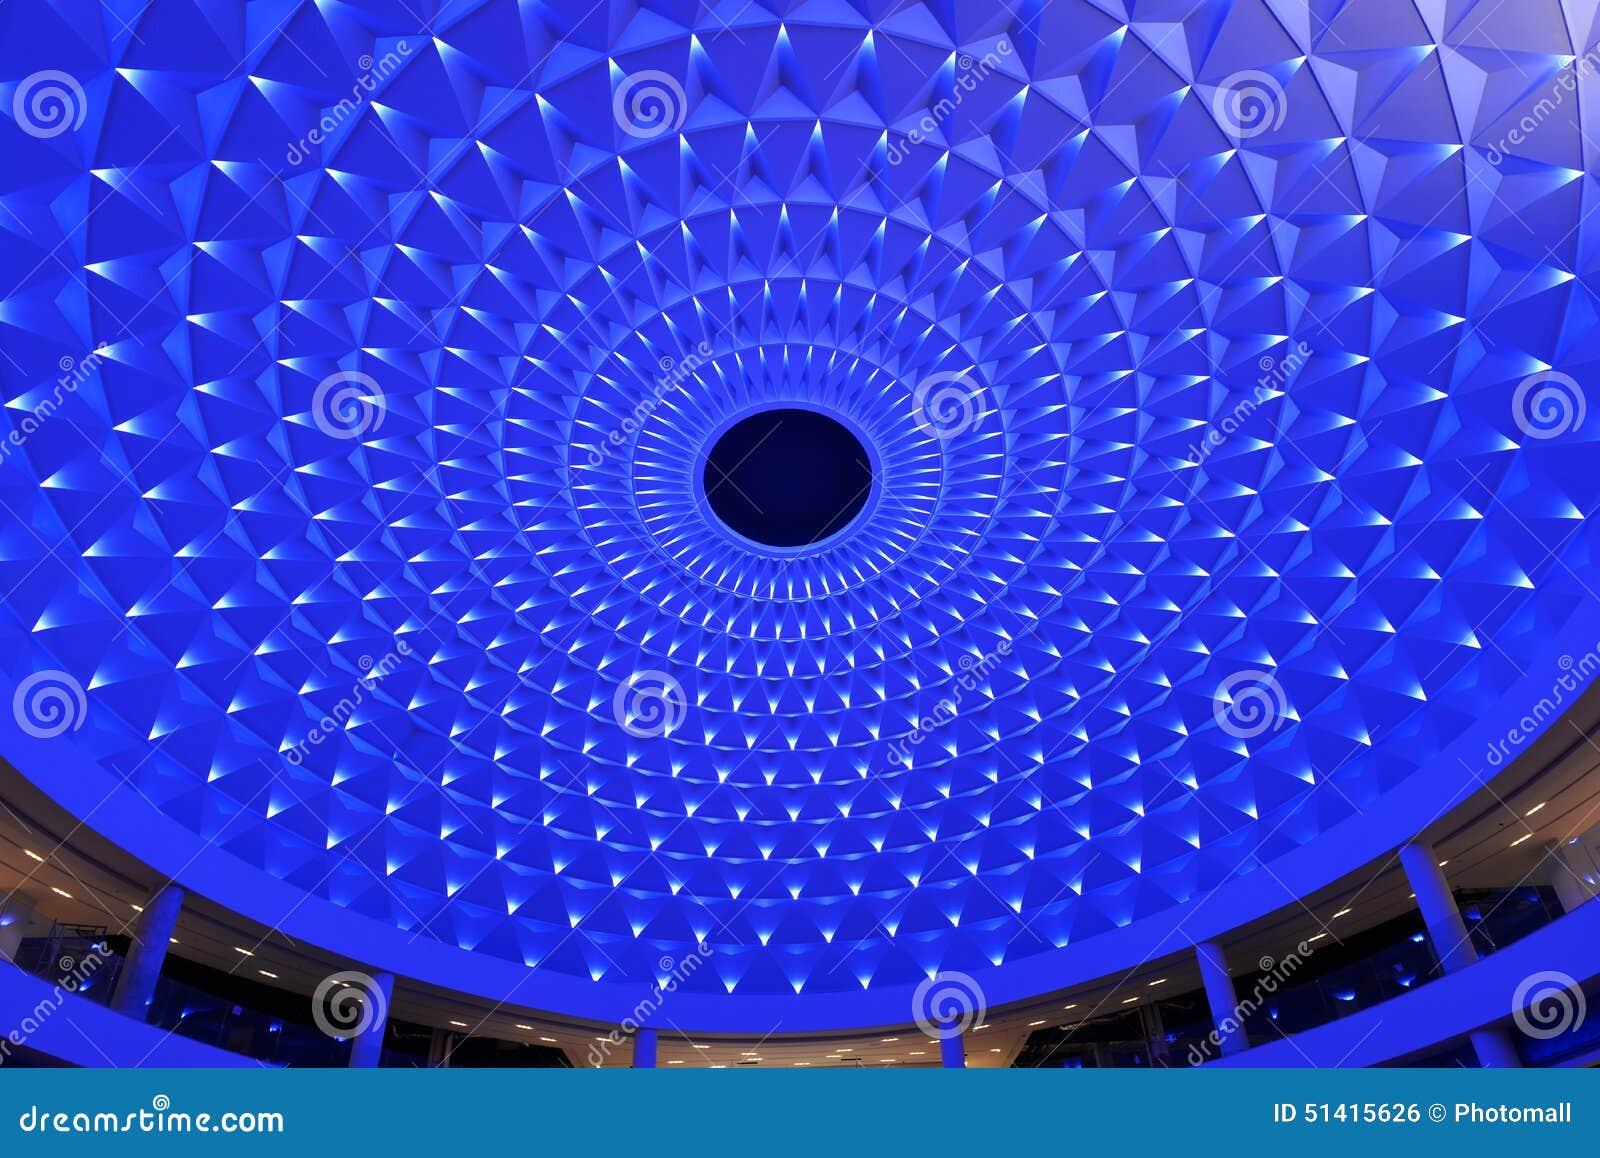 Cellulair die plafond omhoog door blauwe geleide verlichting wordt aangestoken